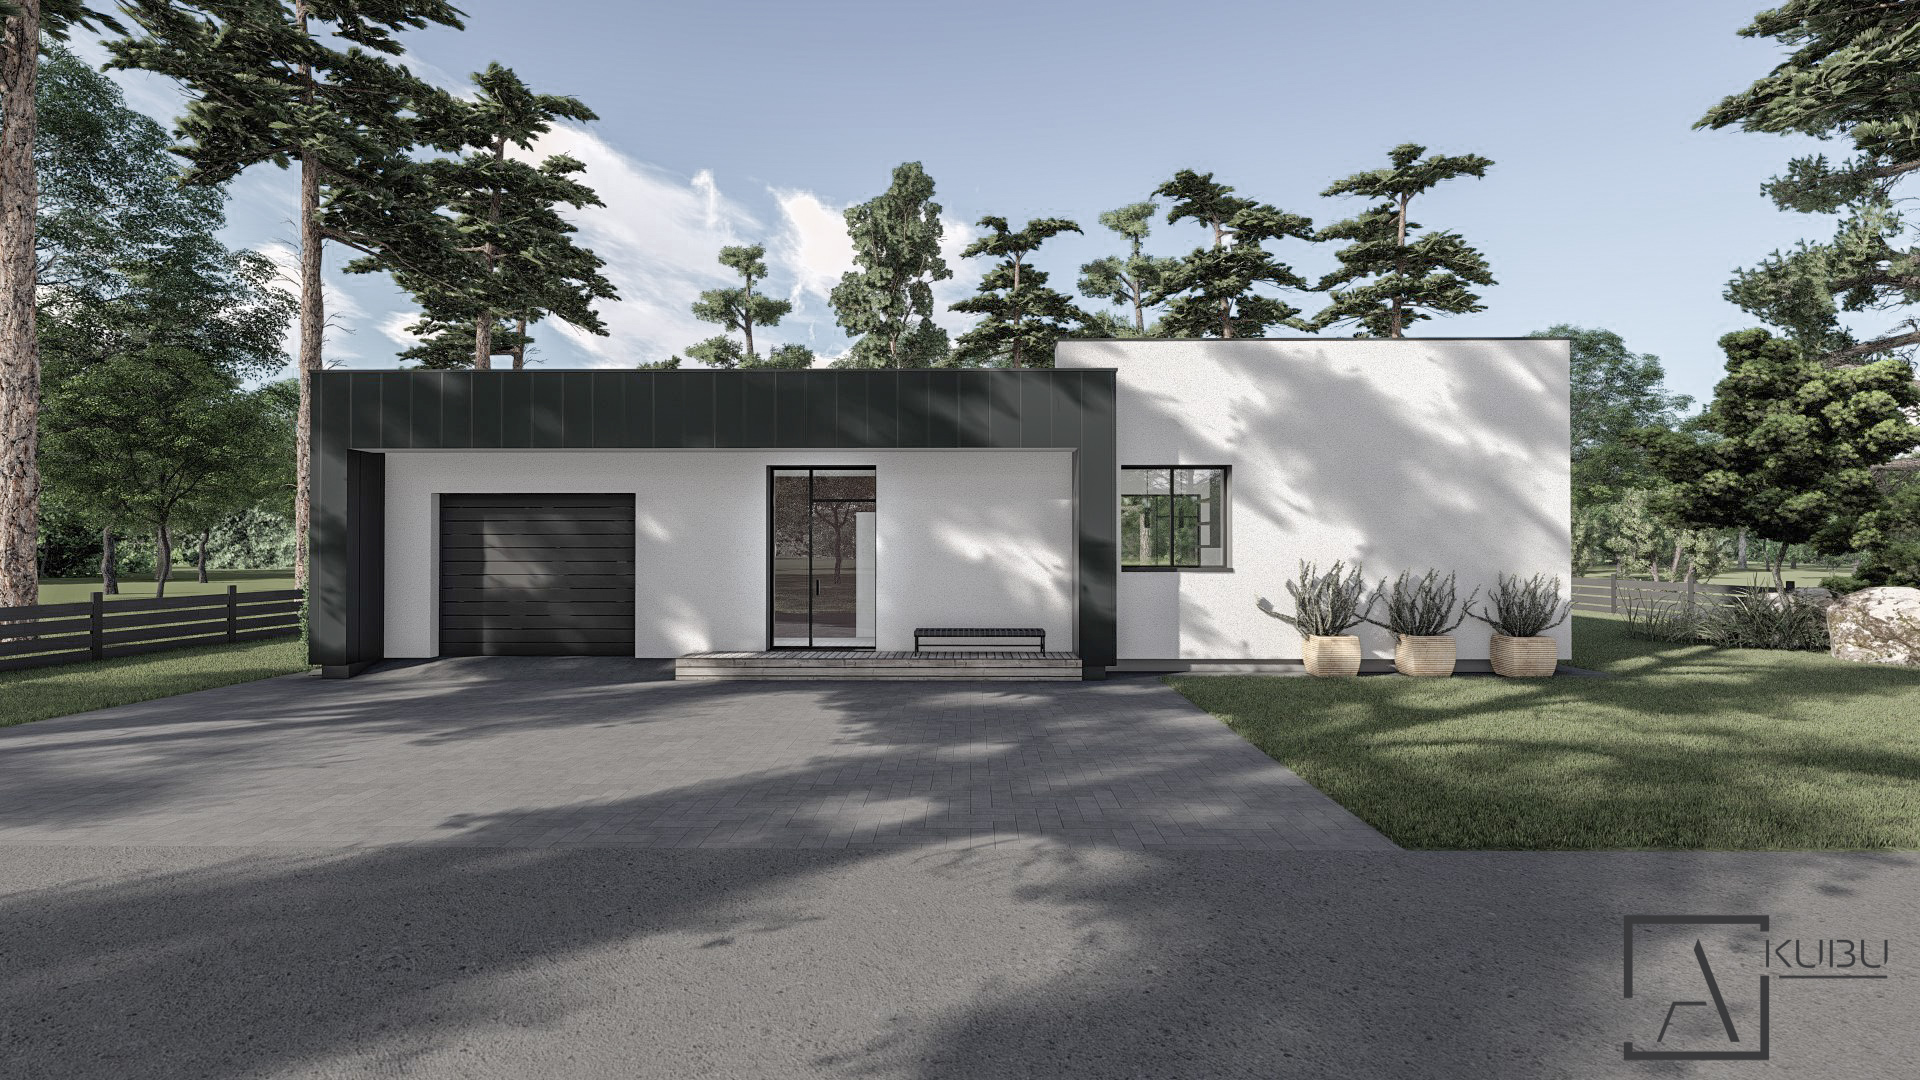 Namų projektas - PLAZMA2